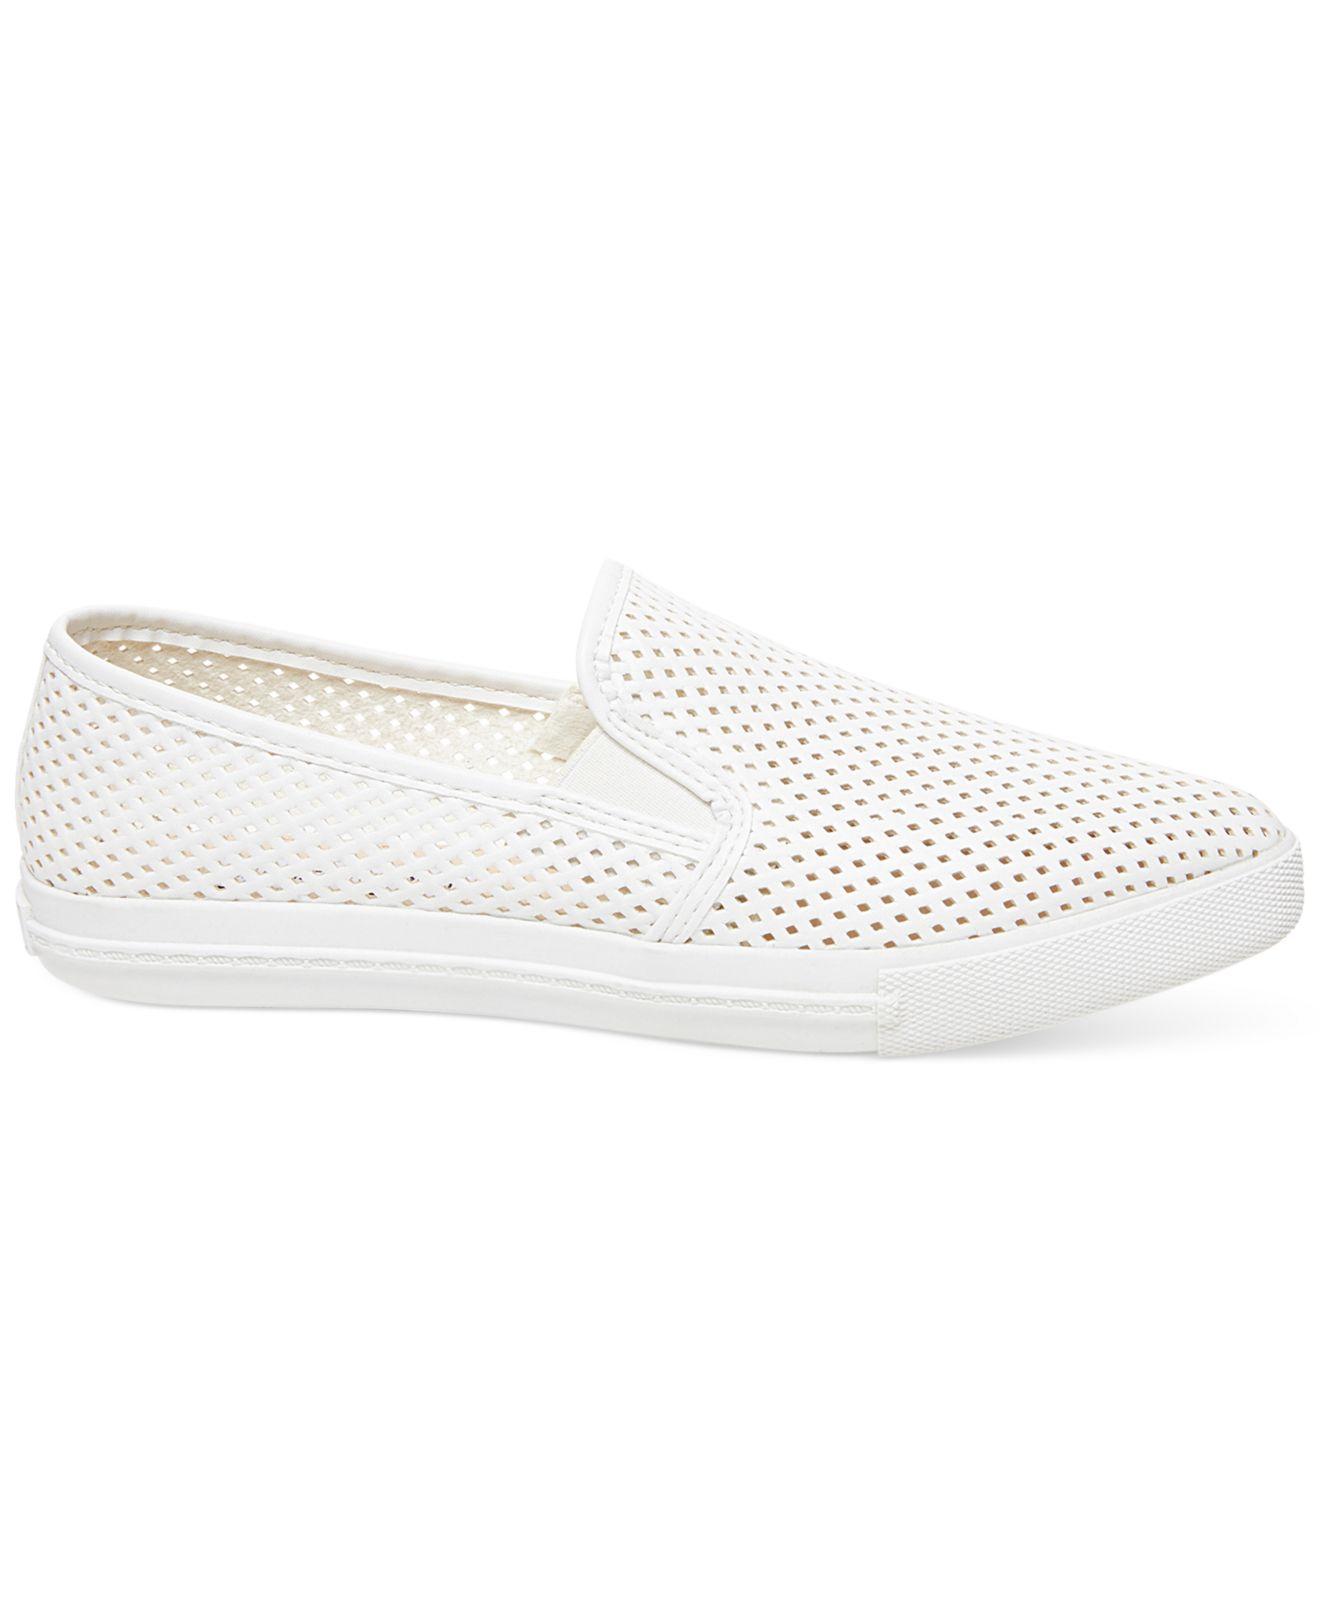 af020576626 Lyst - Steve Madden Women S Virggo Slip-On Sneakers in White